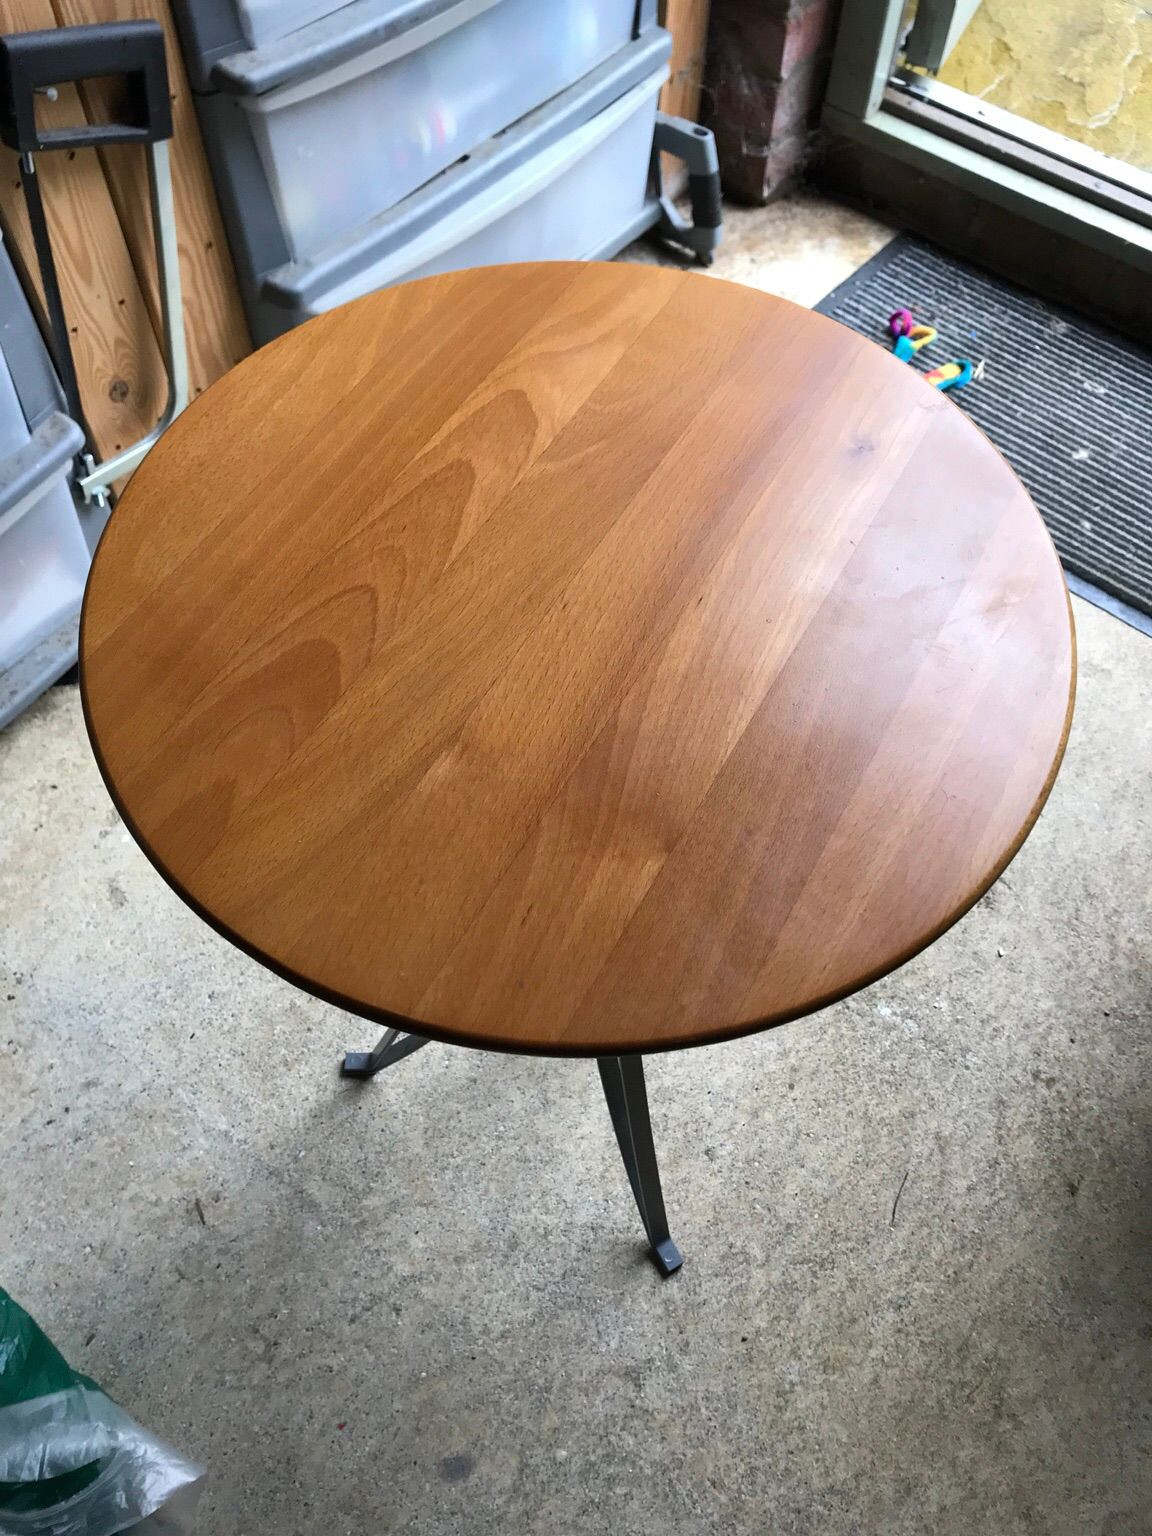 lotos lsn3 hardwood floor nailer of https en shpock com i ws58mb o7iz7tpgd 2018 09 15t223230 for small coffee table 78ed6d1e